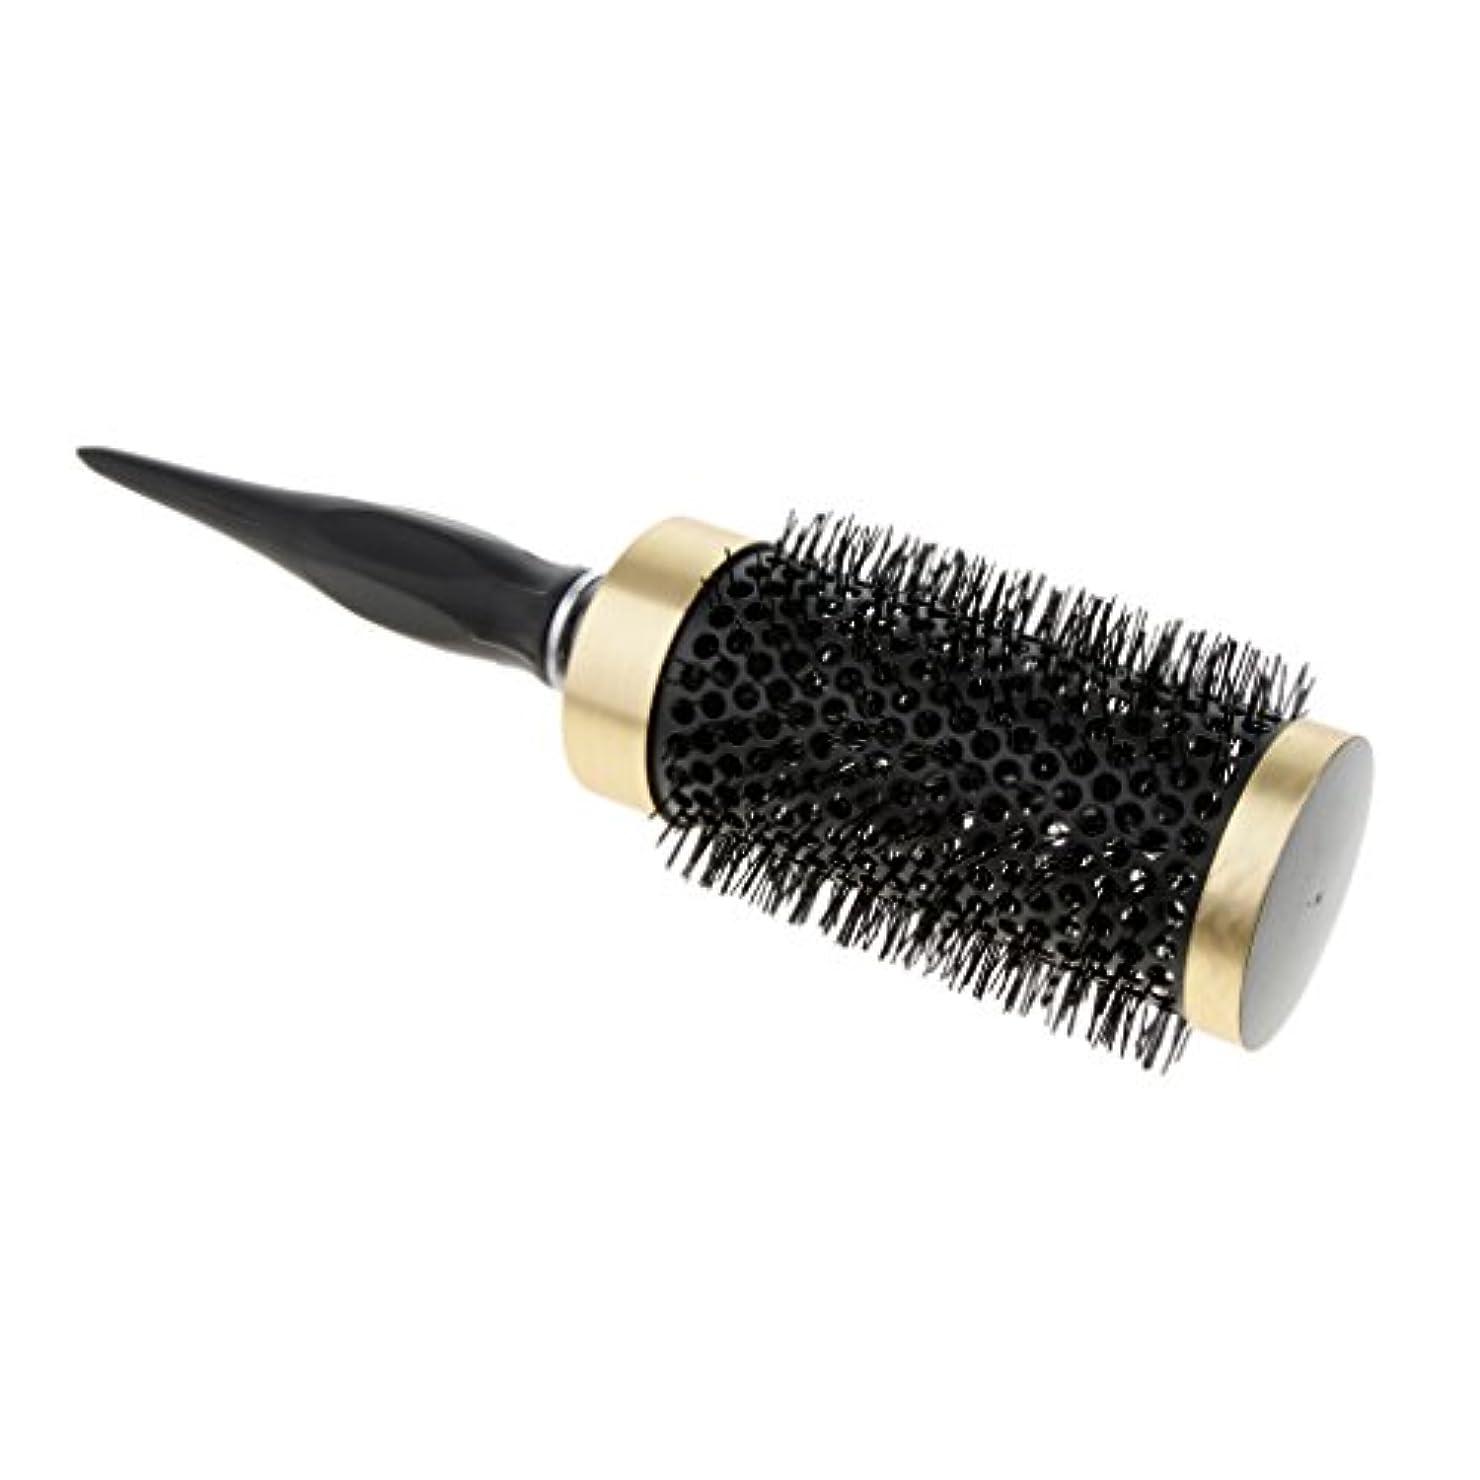 有利イーウェルヘルシーPerfk ロールブラシ ヘアブラシ ナイロンブラシ 静電気防止  カーリング 巻き髪ヘア 全5サイズ - 52mm